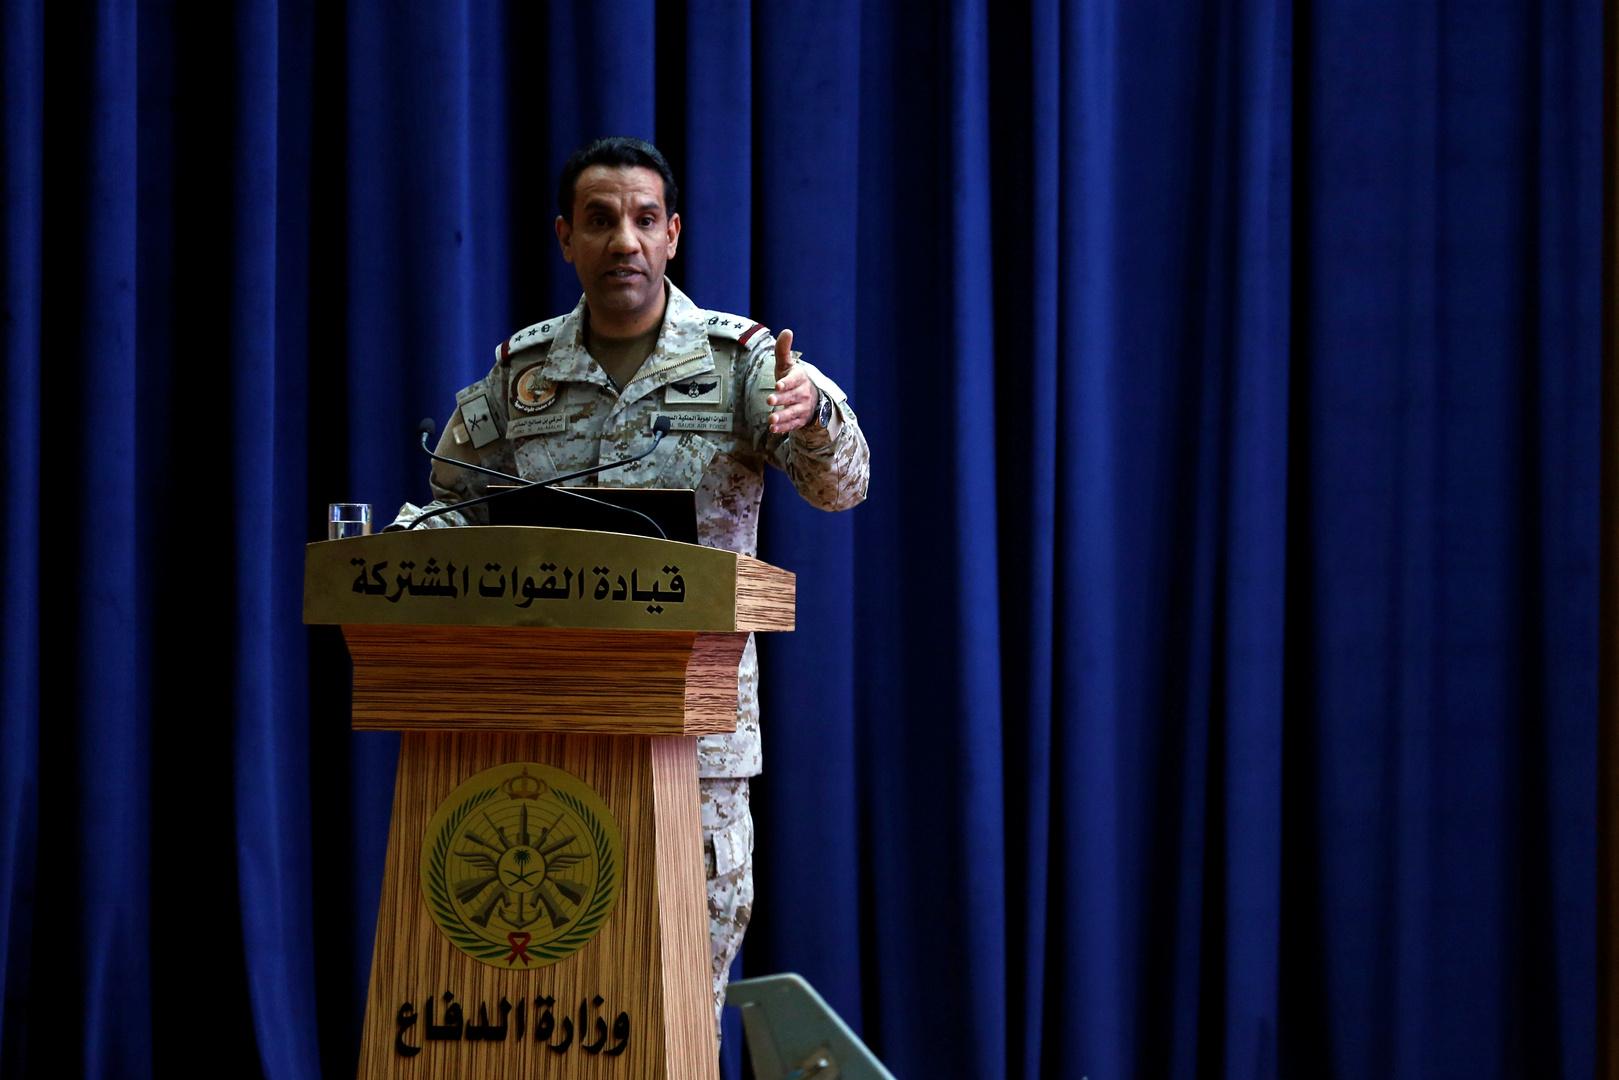 بعد سلسلة هجمات على المملكة.. الدفاع السعودية تتهم إيران بتزويد الحوثيين بطائرات مسيرة وصواريخ